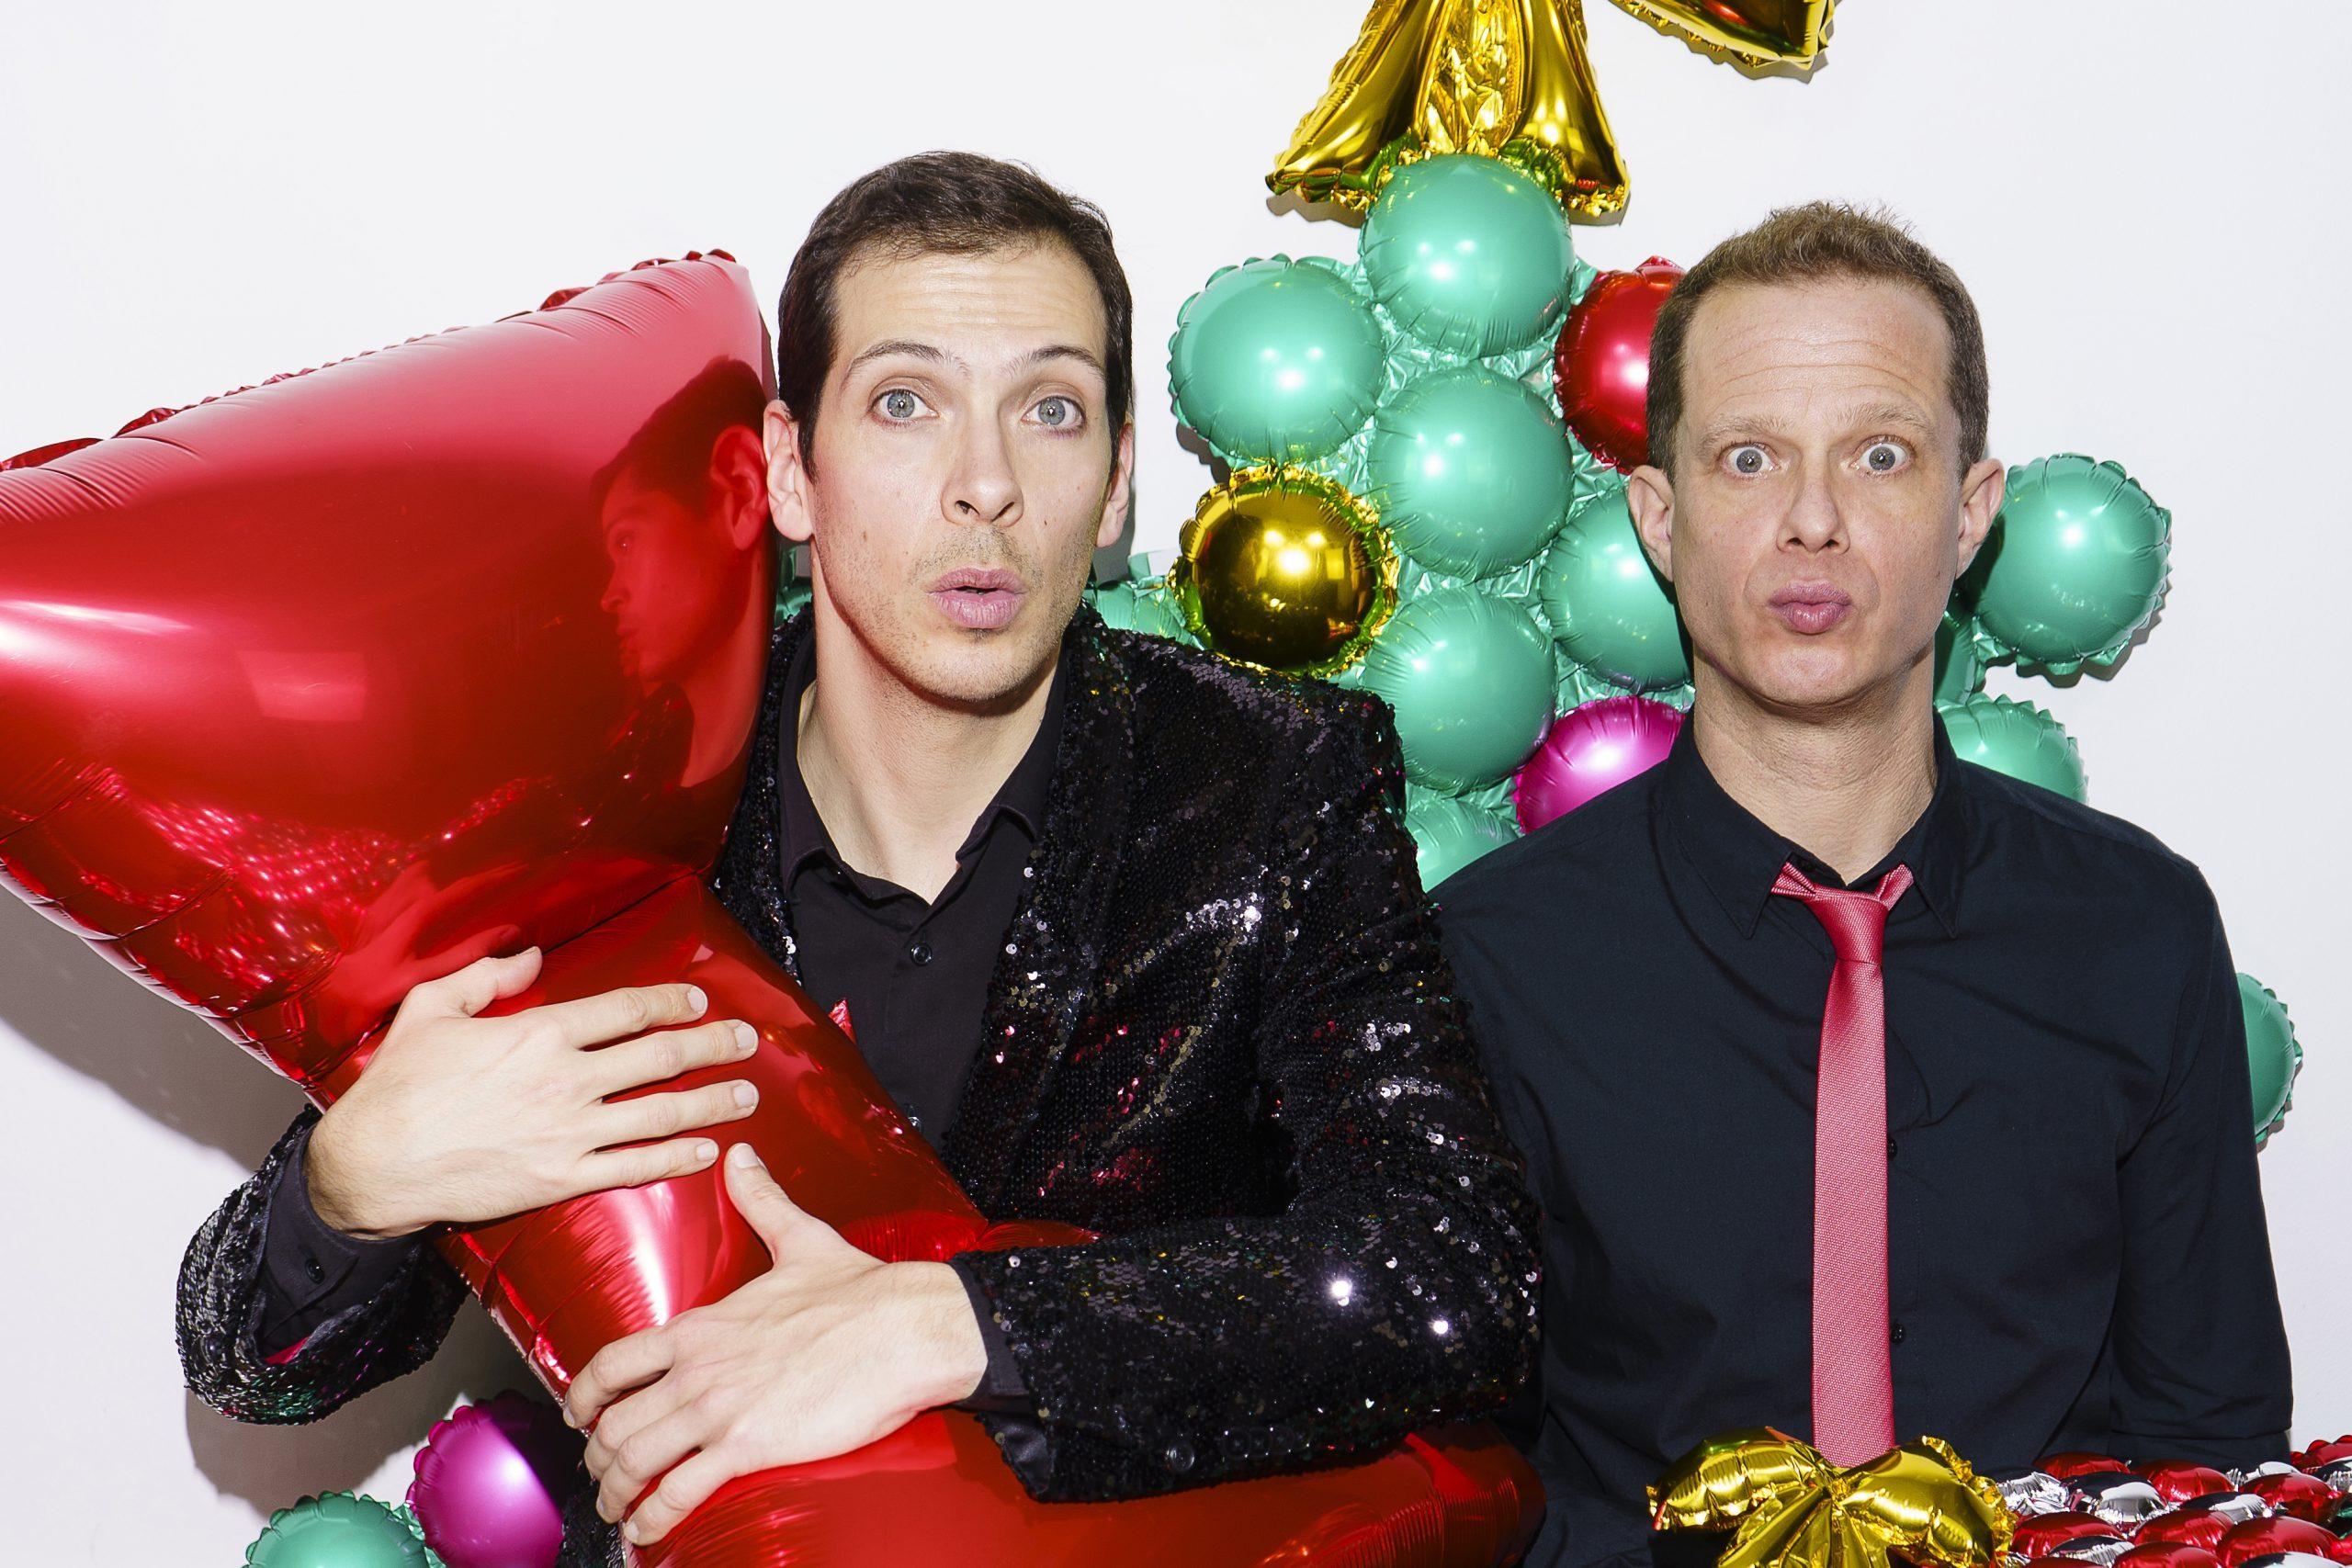 Korff Ludewig Weihnachten Quer - Foto Markus Hodapp (honorarfrei)